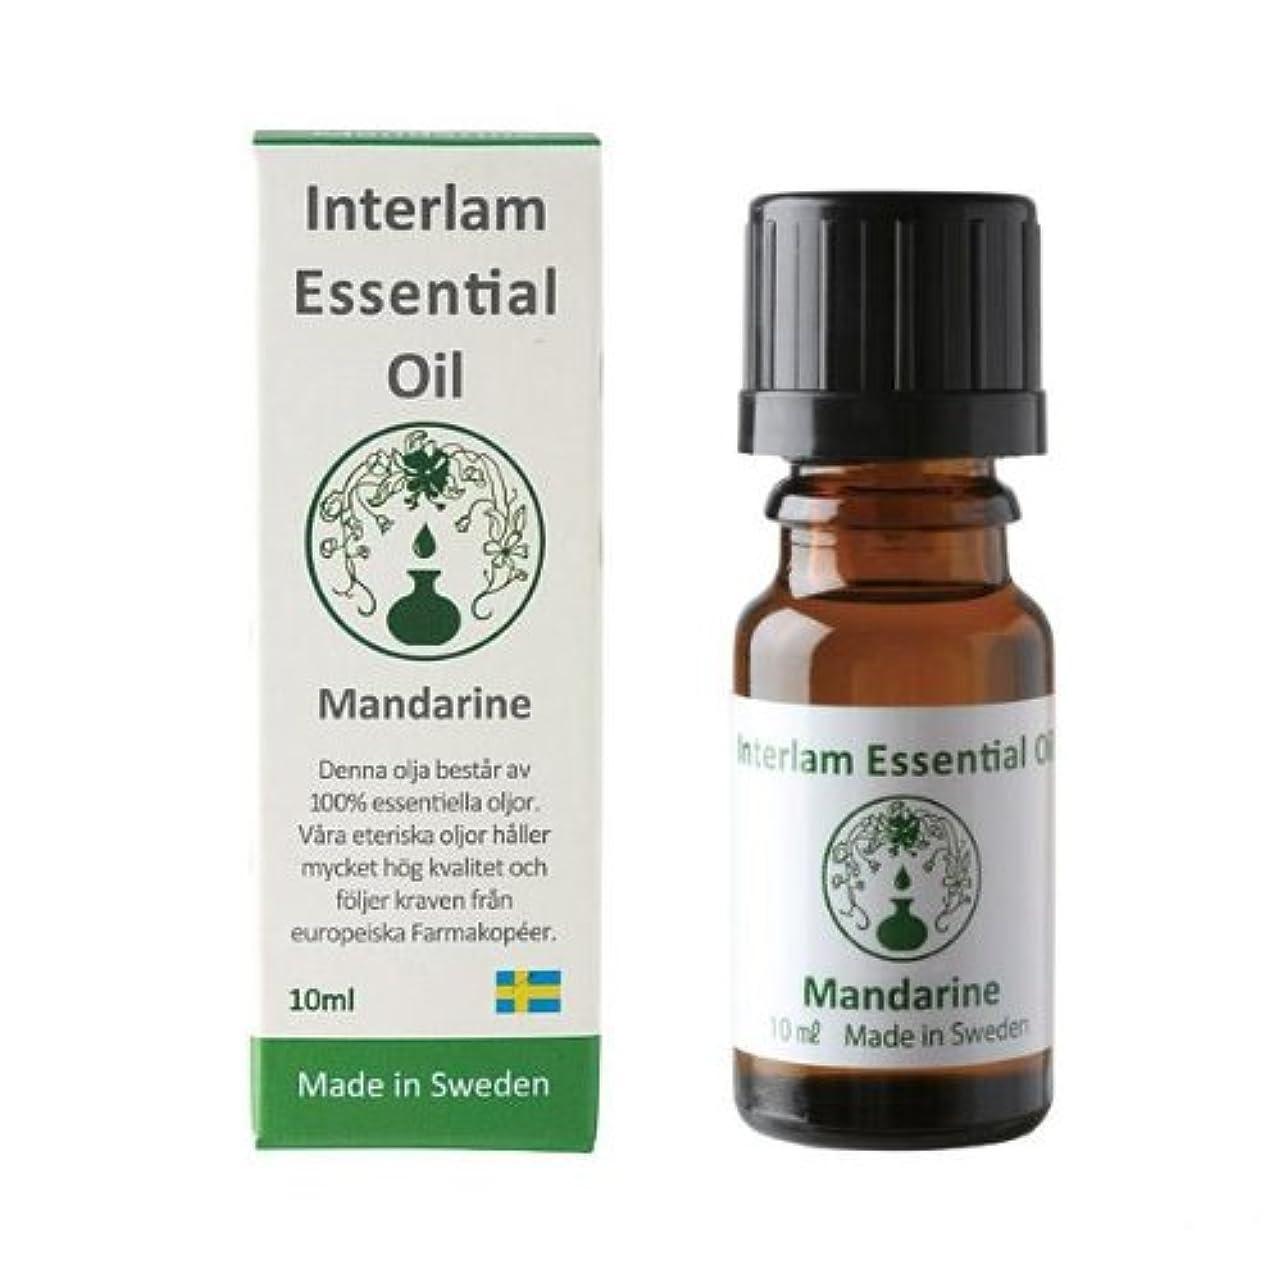 増幅分割問題Interlam Essential Oil マンダリン 10ml